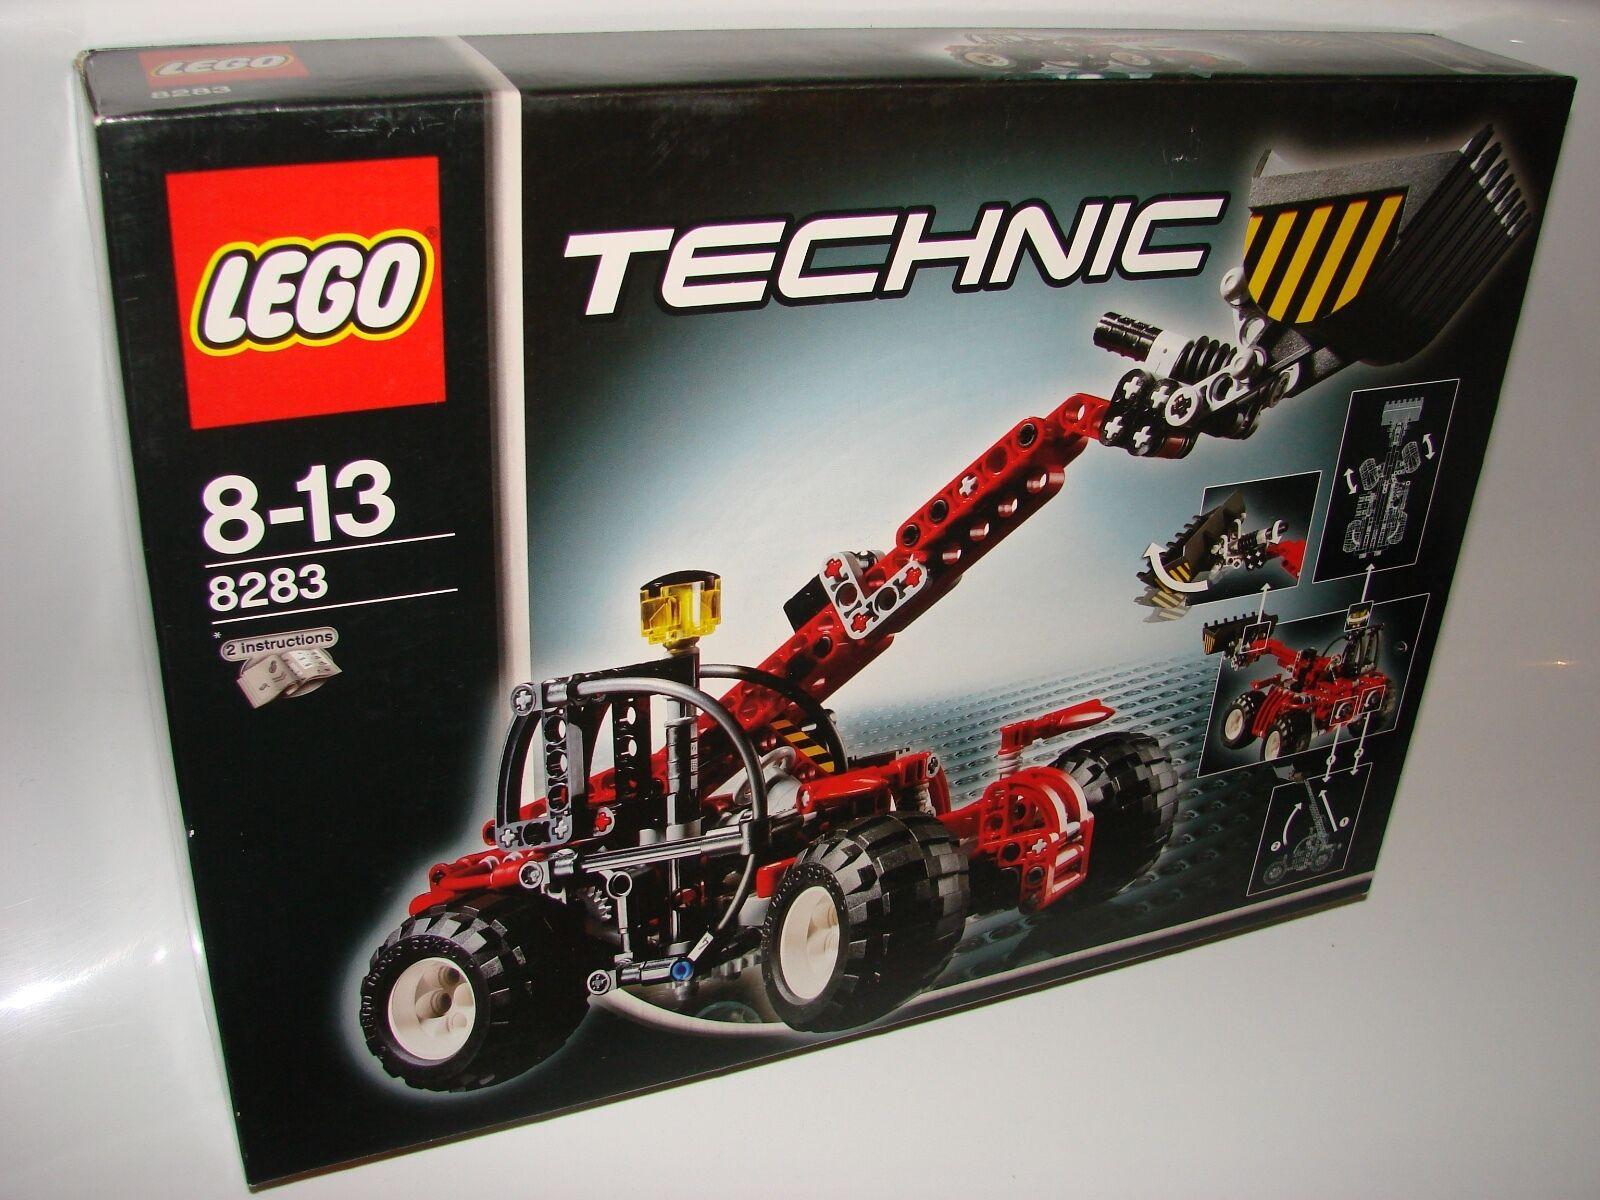 Lego  ® Technic 8283 telescopic loader nouveau OVP _ Telehandler nouveau MISB NRFB  se hâta de voir